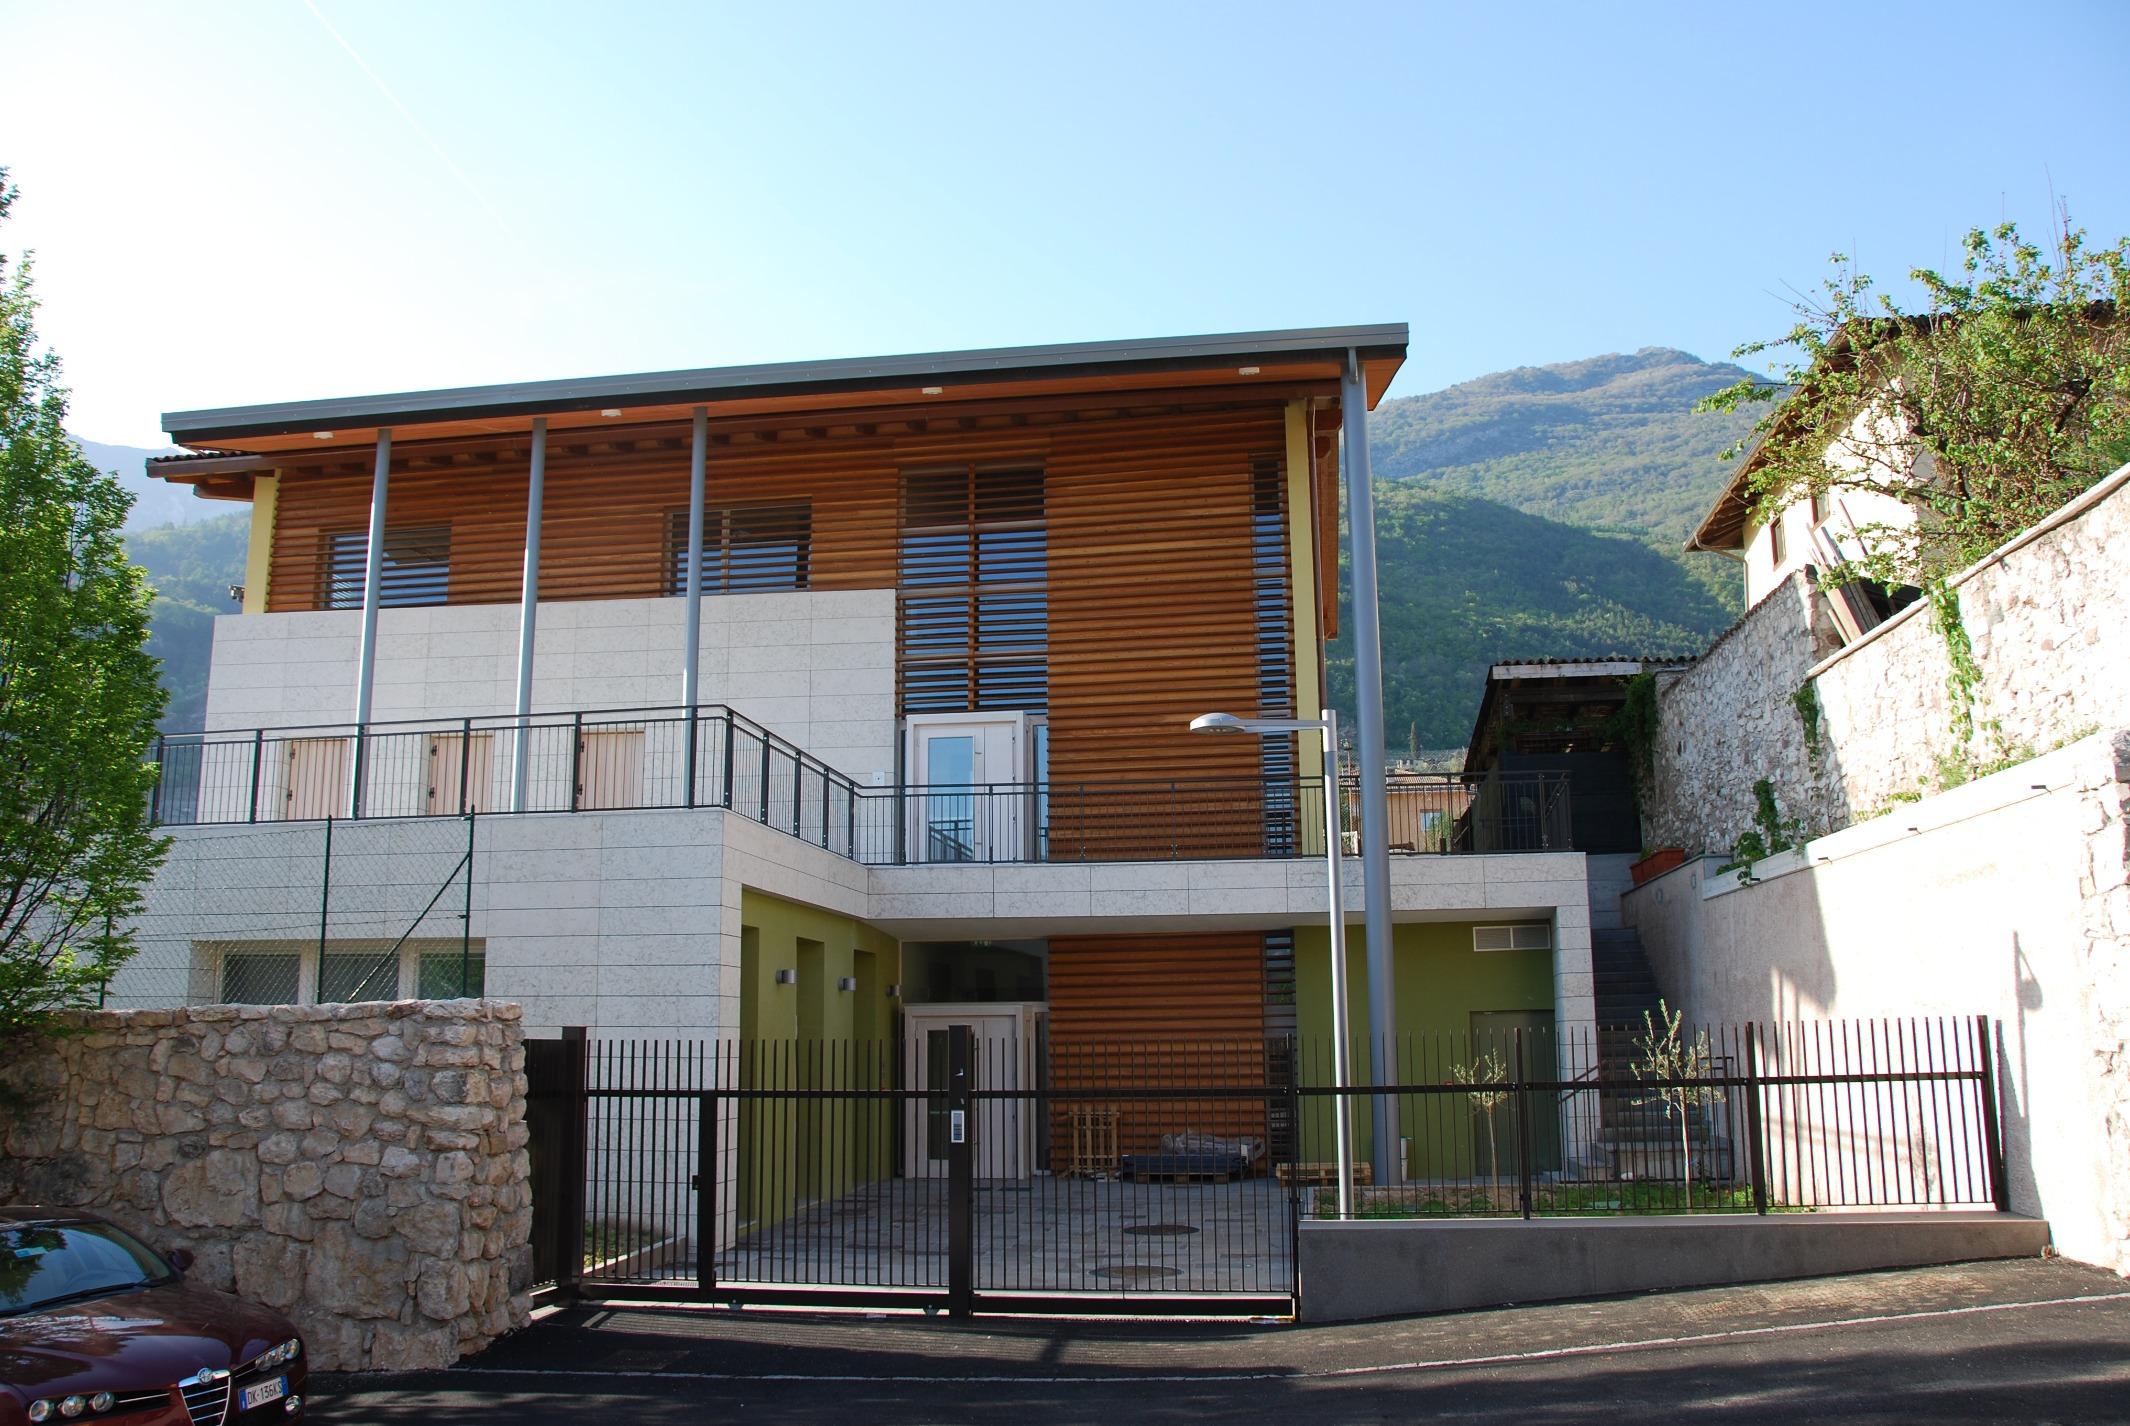 Case In Legno Trentino ~ Just another WordPress siteIspirazione per il Design per la Casa e Mobili